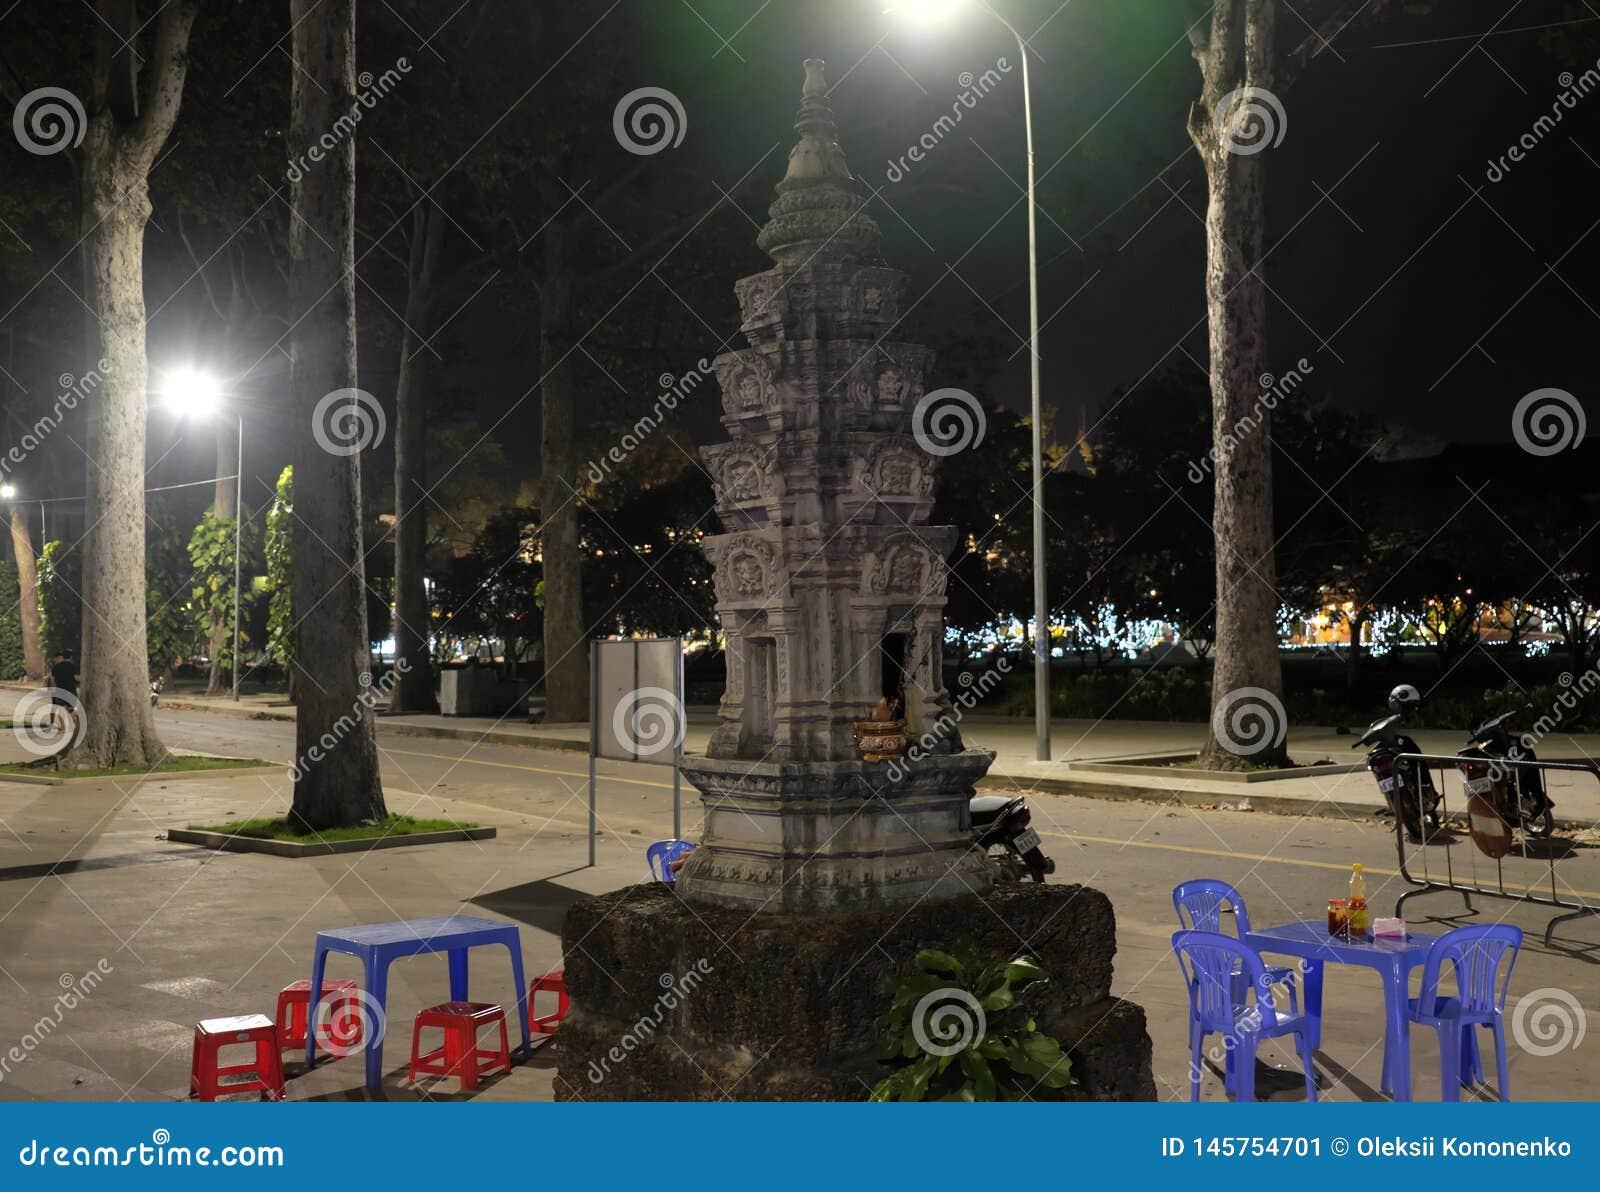 Klein Boeddhistisch altaar in het park Een lijst en verscheidene plastic stoelen Lantaarnlicht